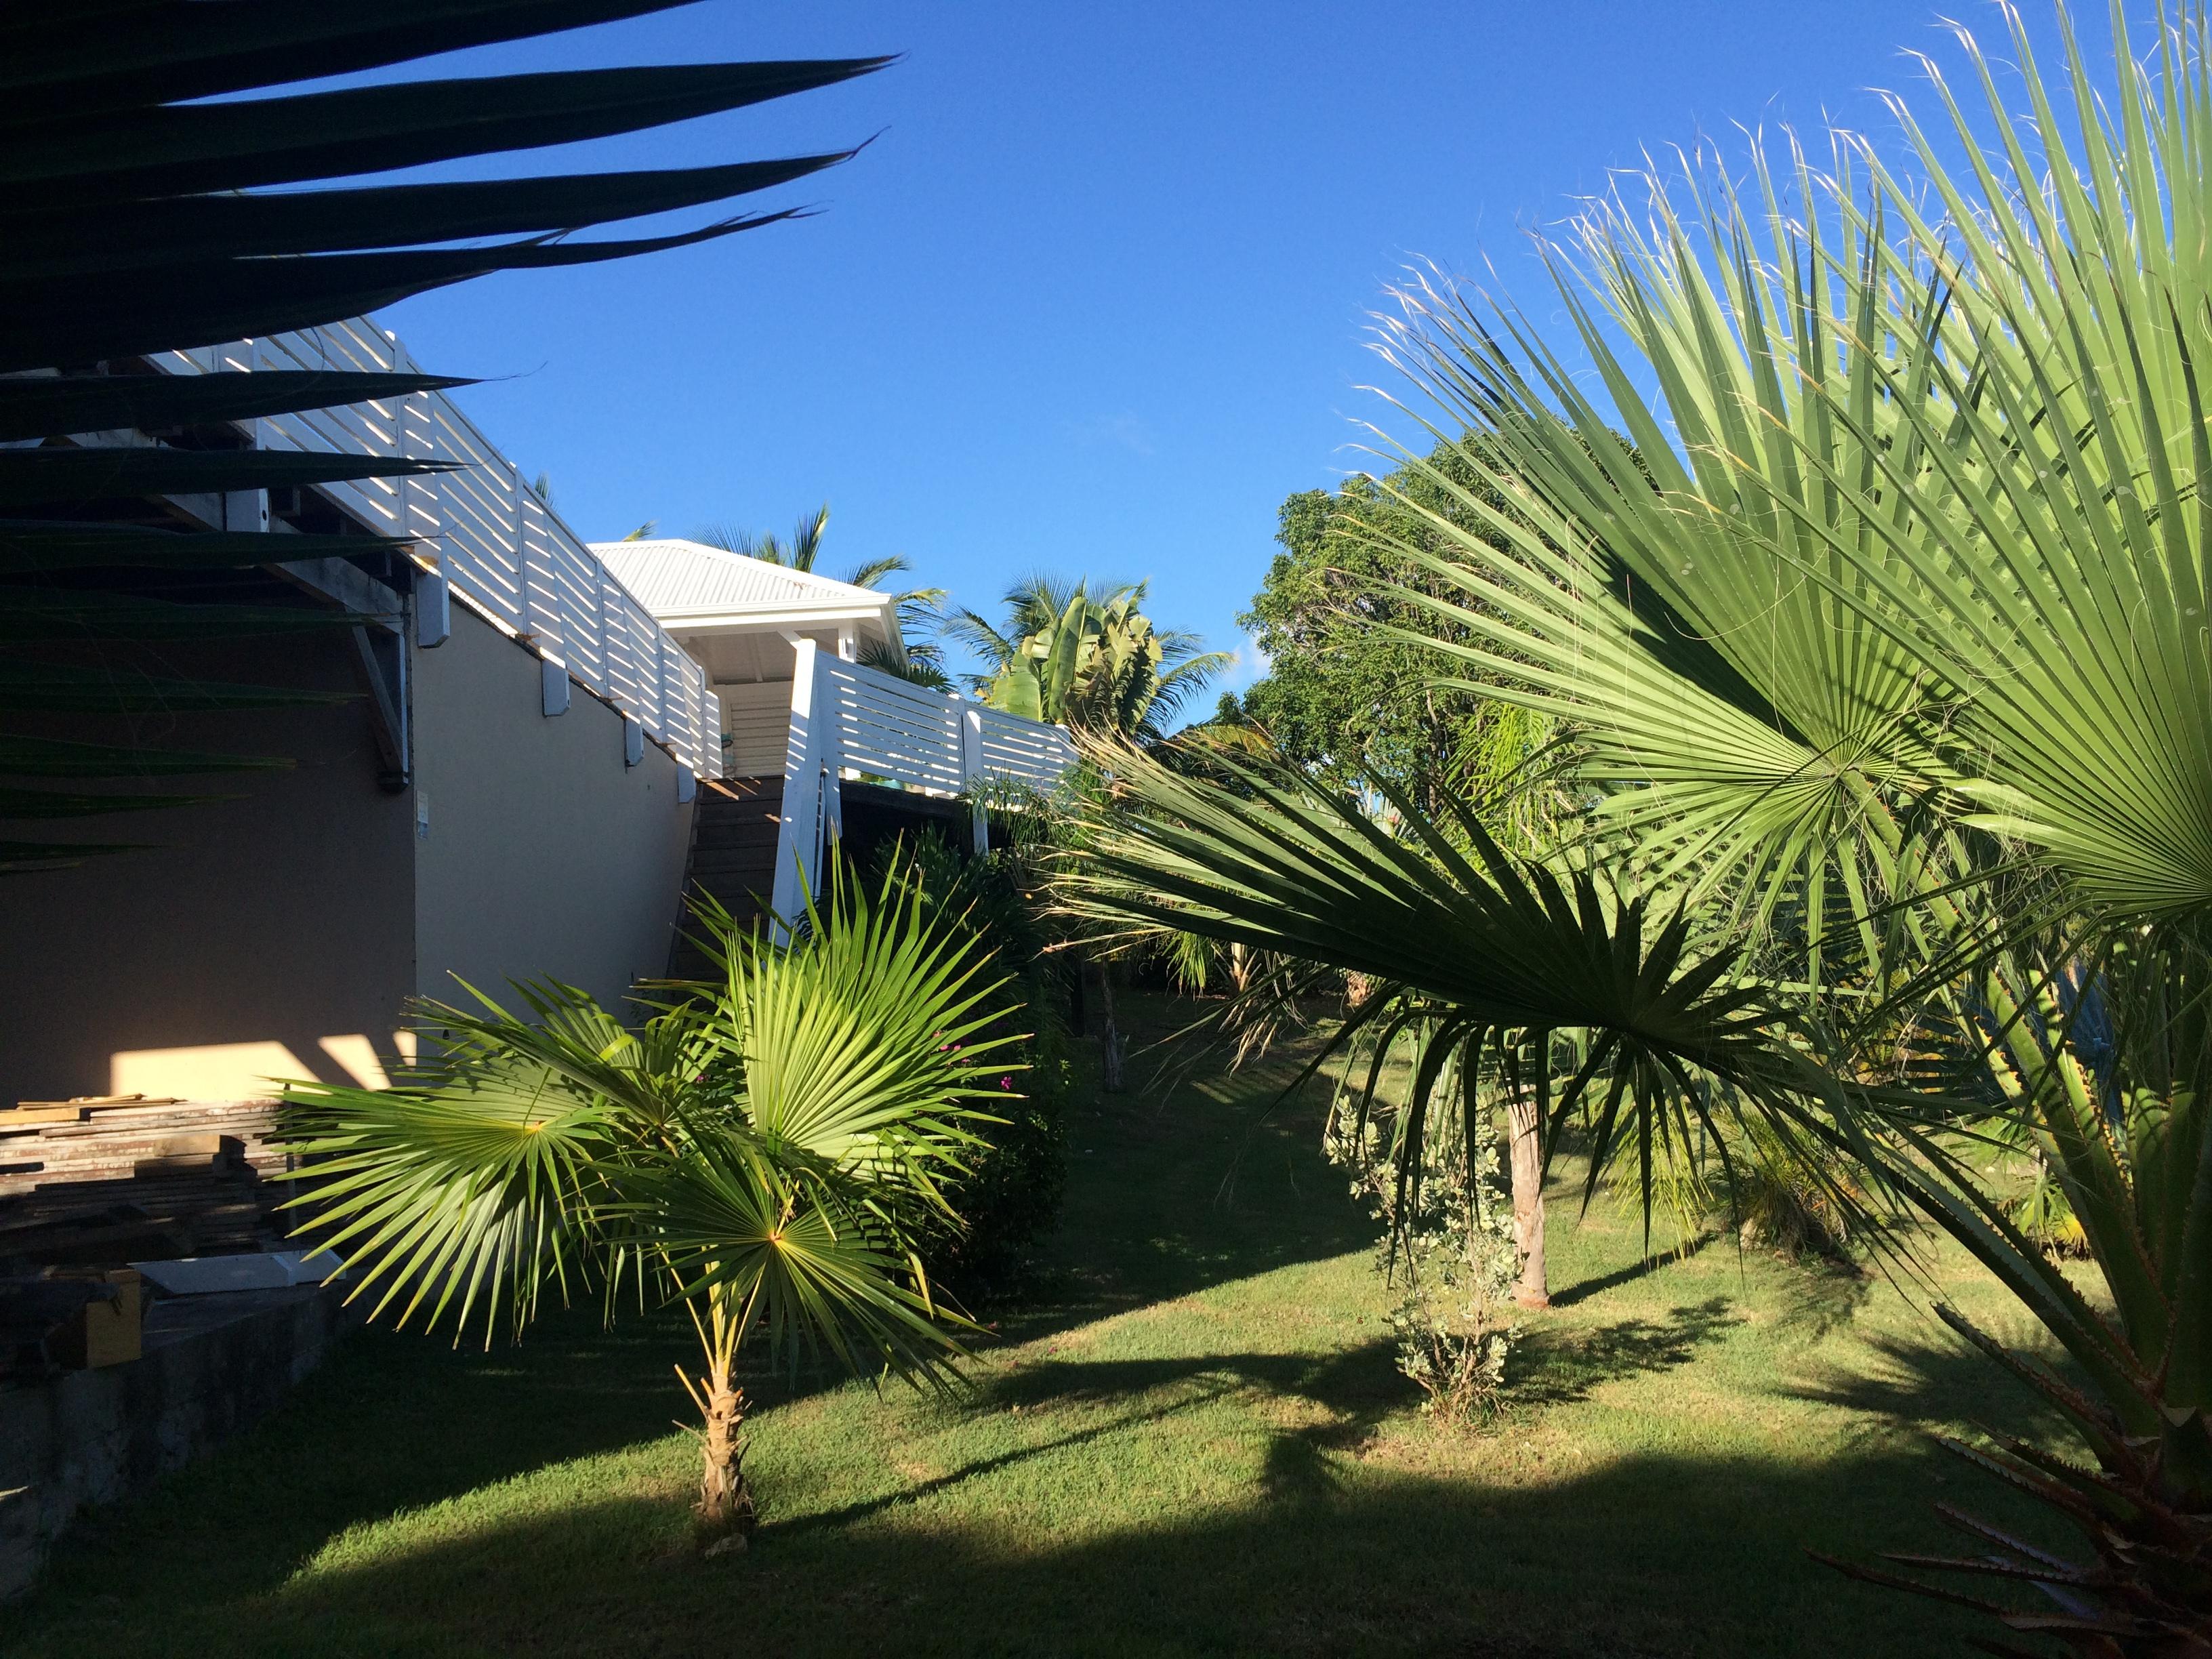 587so1tov Incroyable De Salon Jardin Exterieur Des Idées